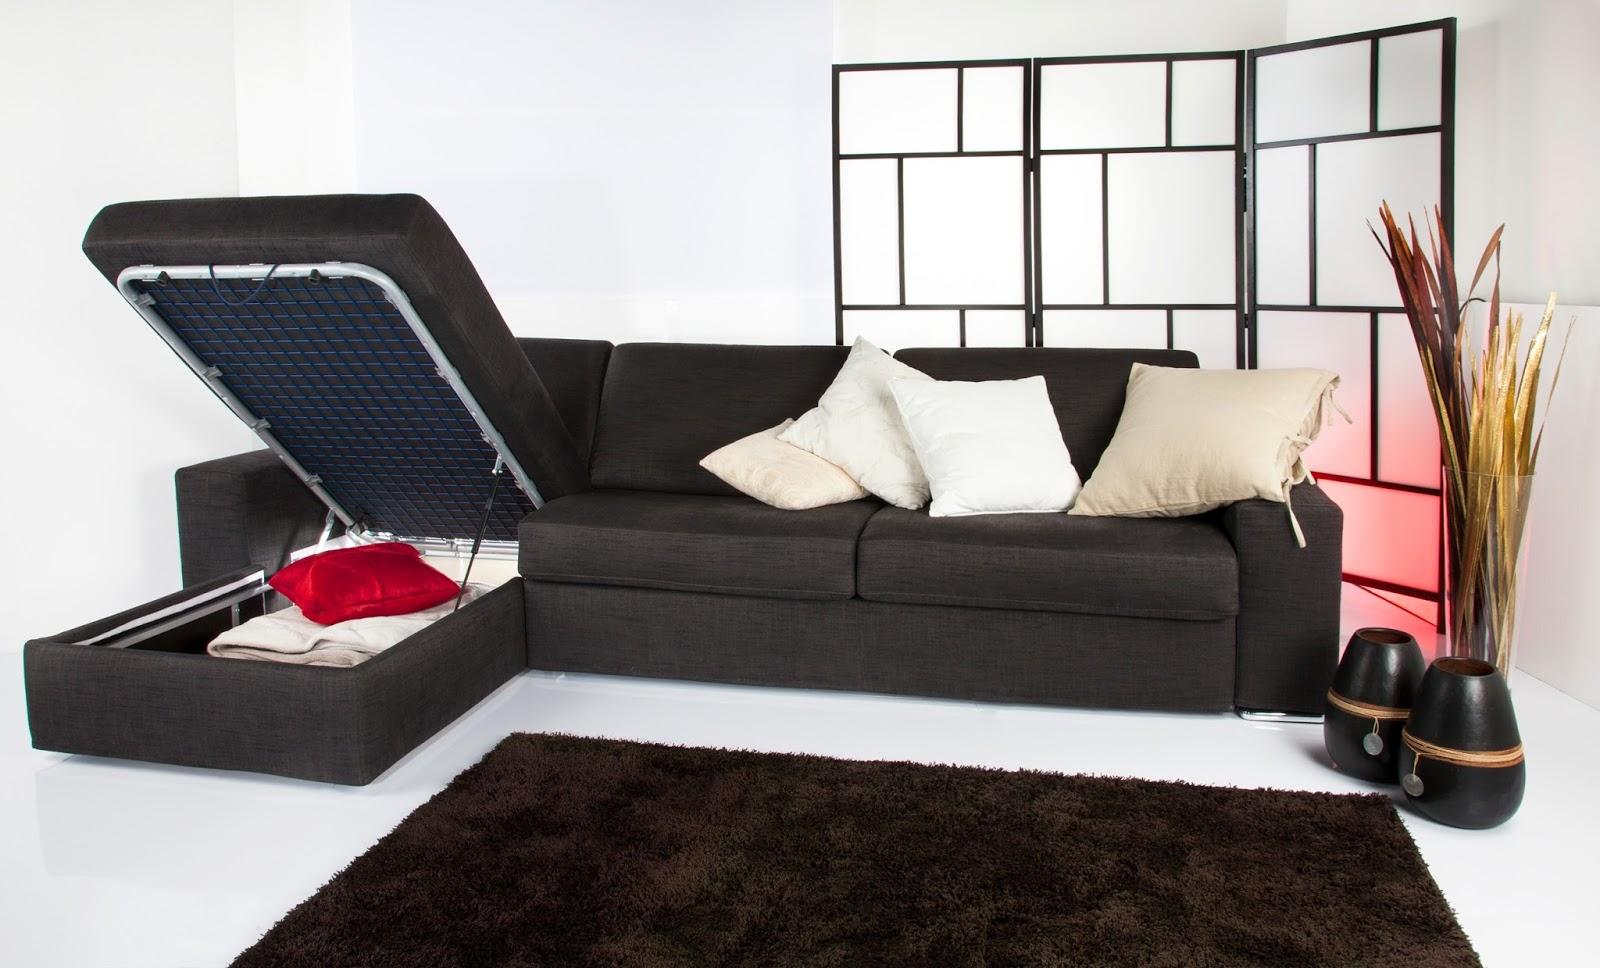 Vendita divani letto lissone monza e brianza milano divano letto con penisola contenitore - Divano letto singolo con contenitore ...